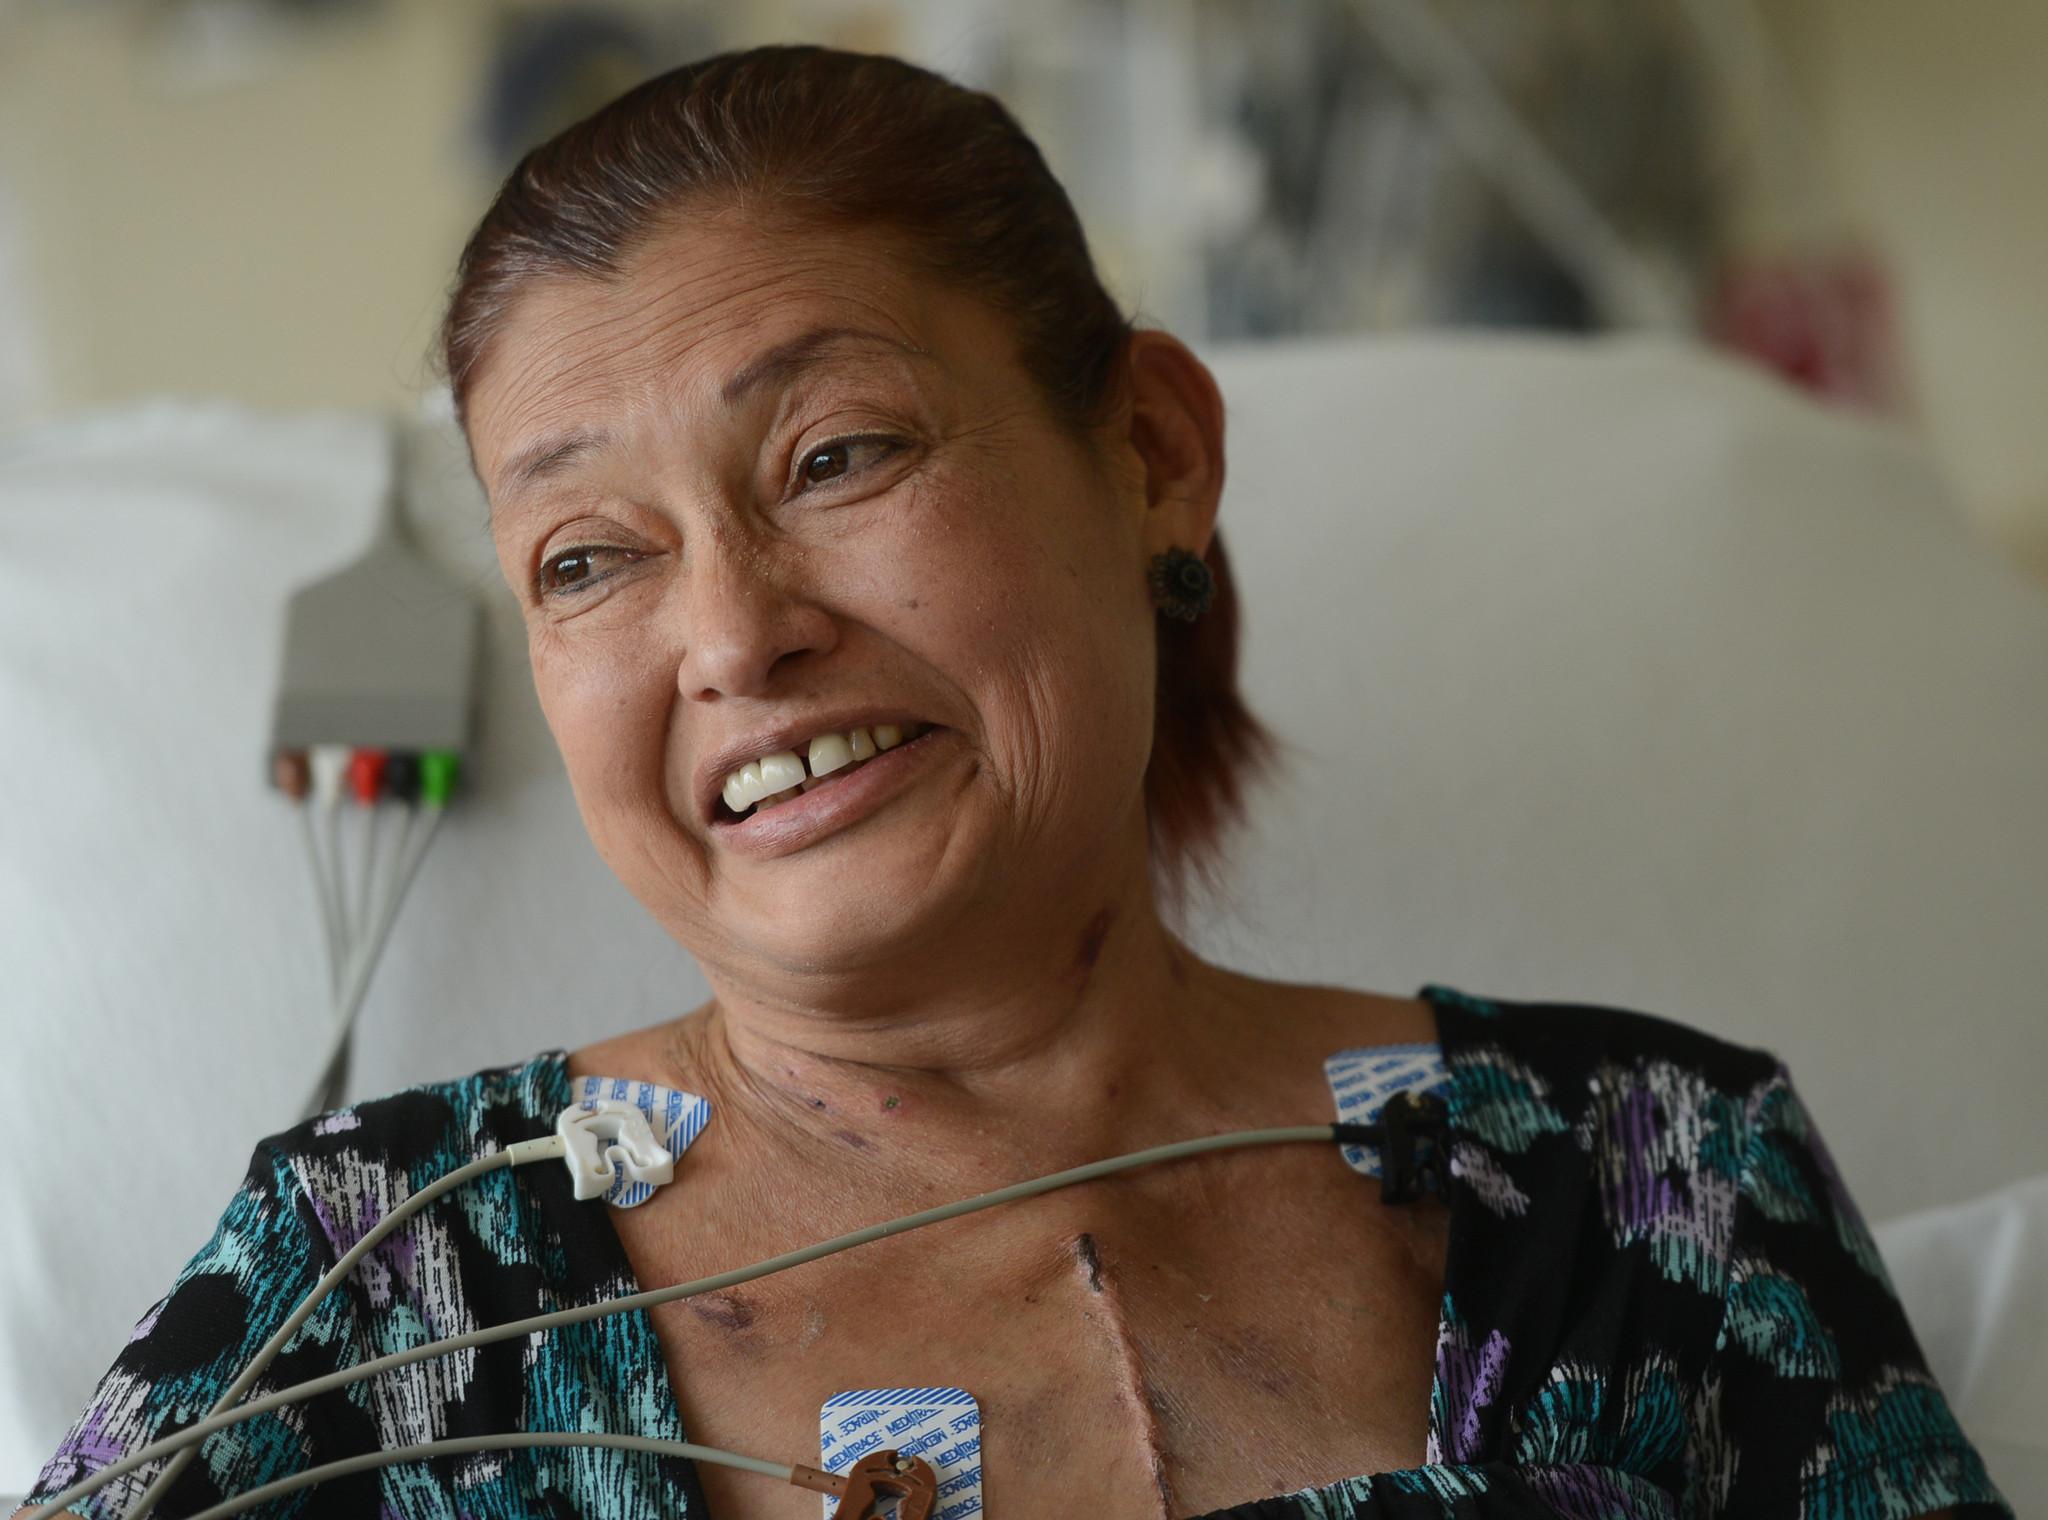 Heart Transplant Scar